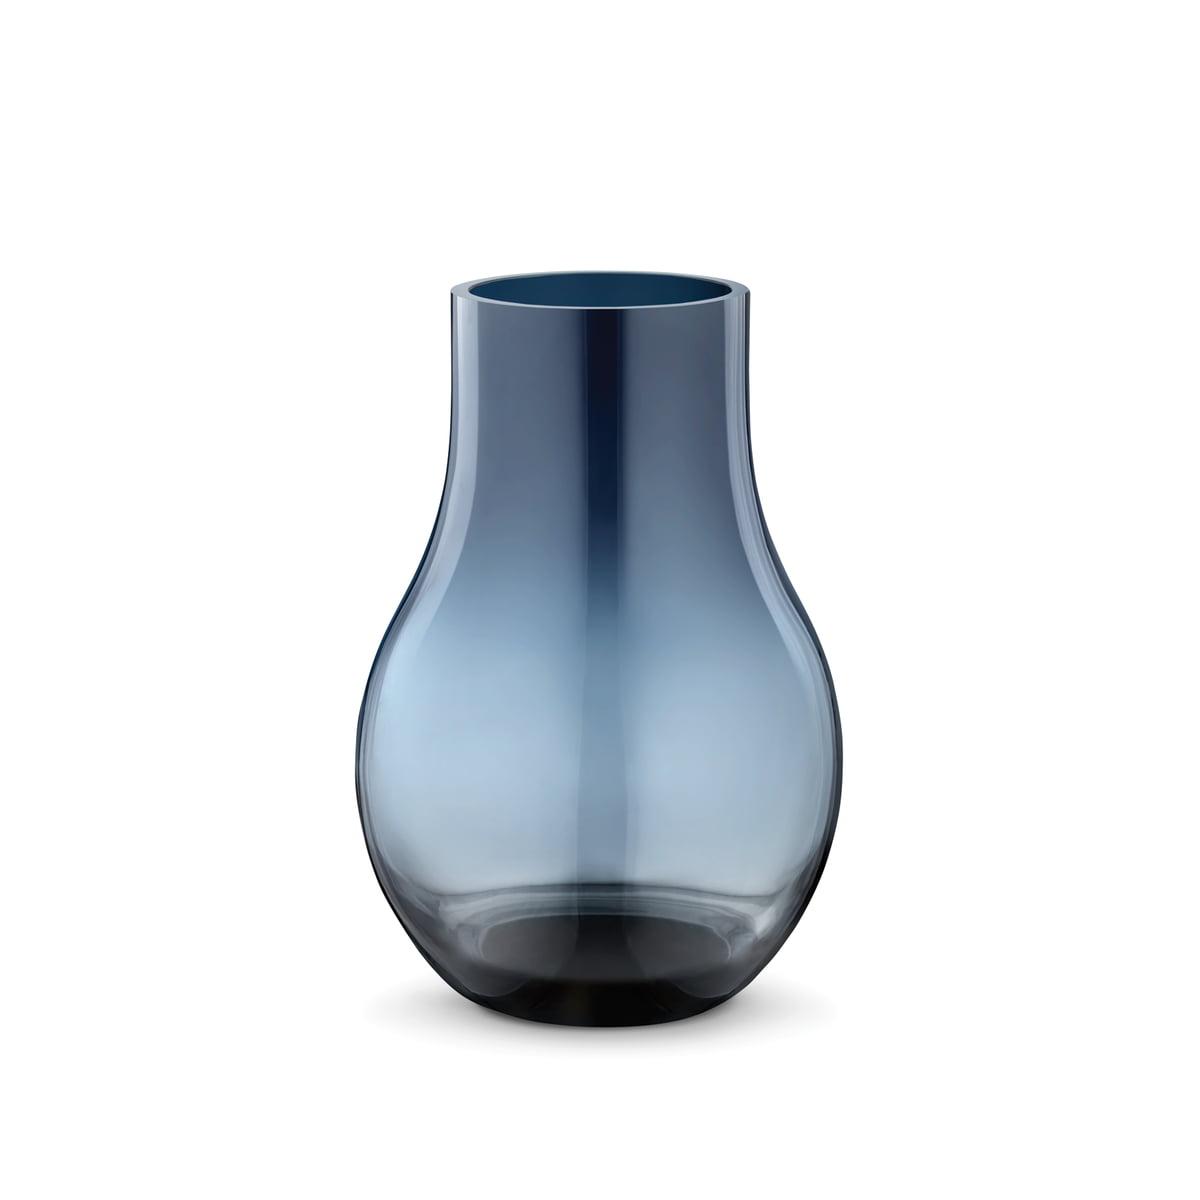 Cafu Vase aus Glas von Georg Jensen im Shop